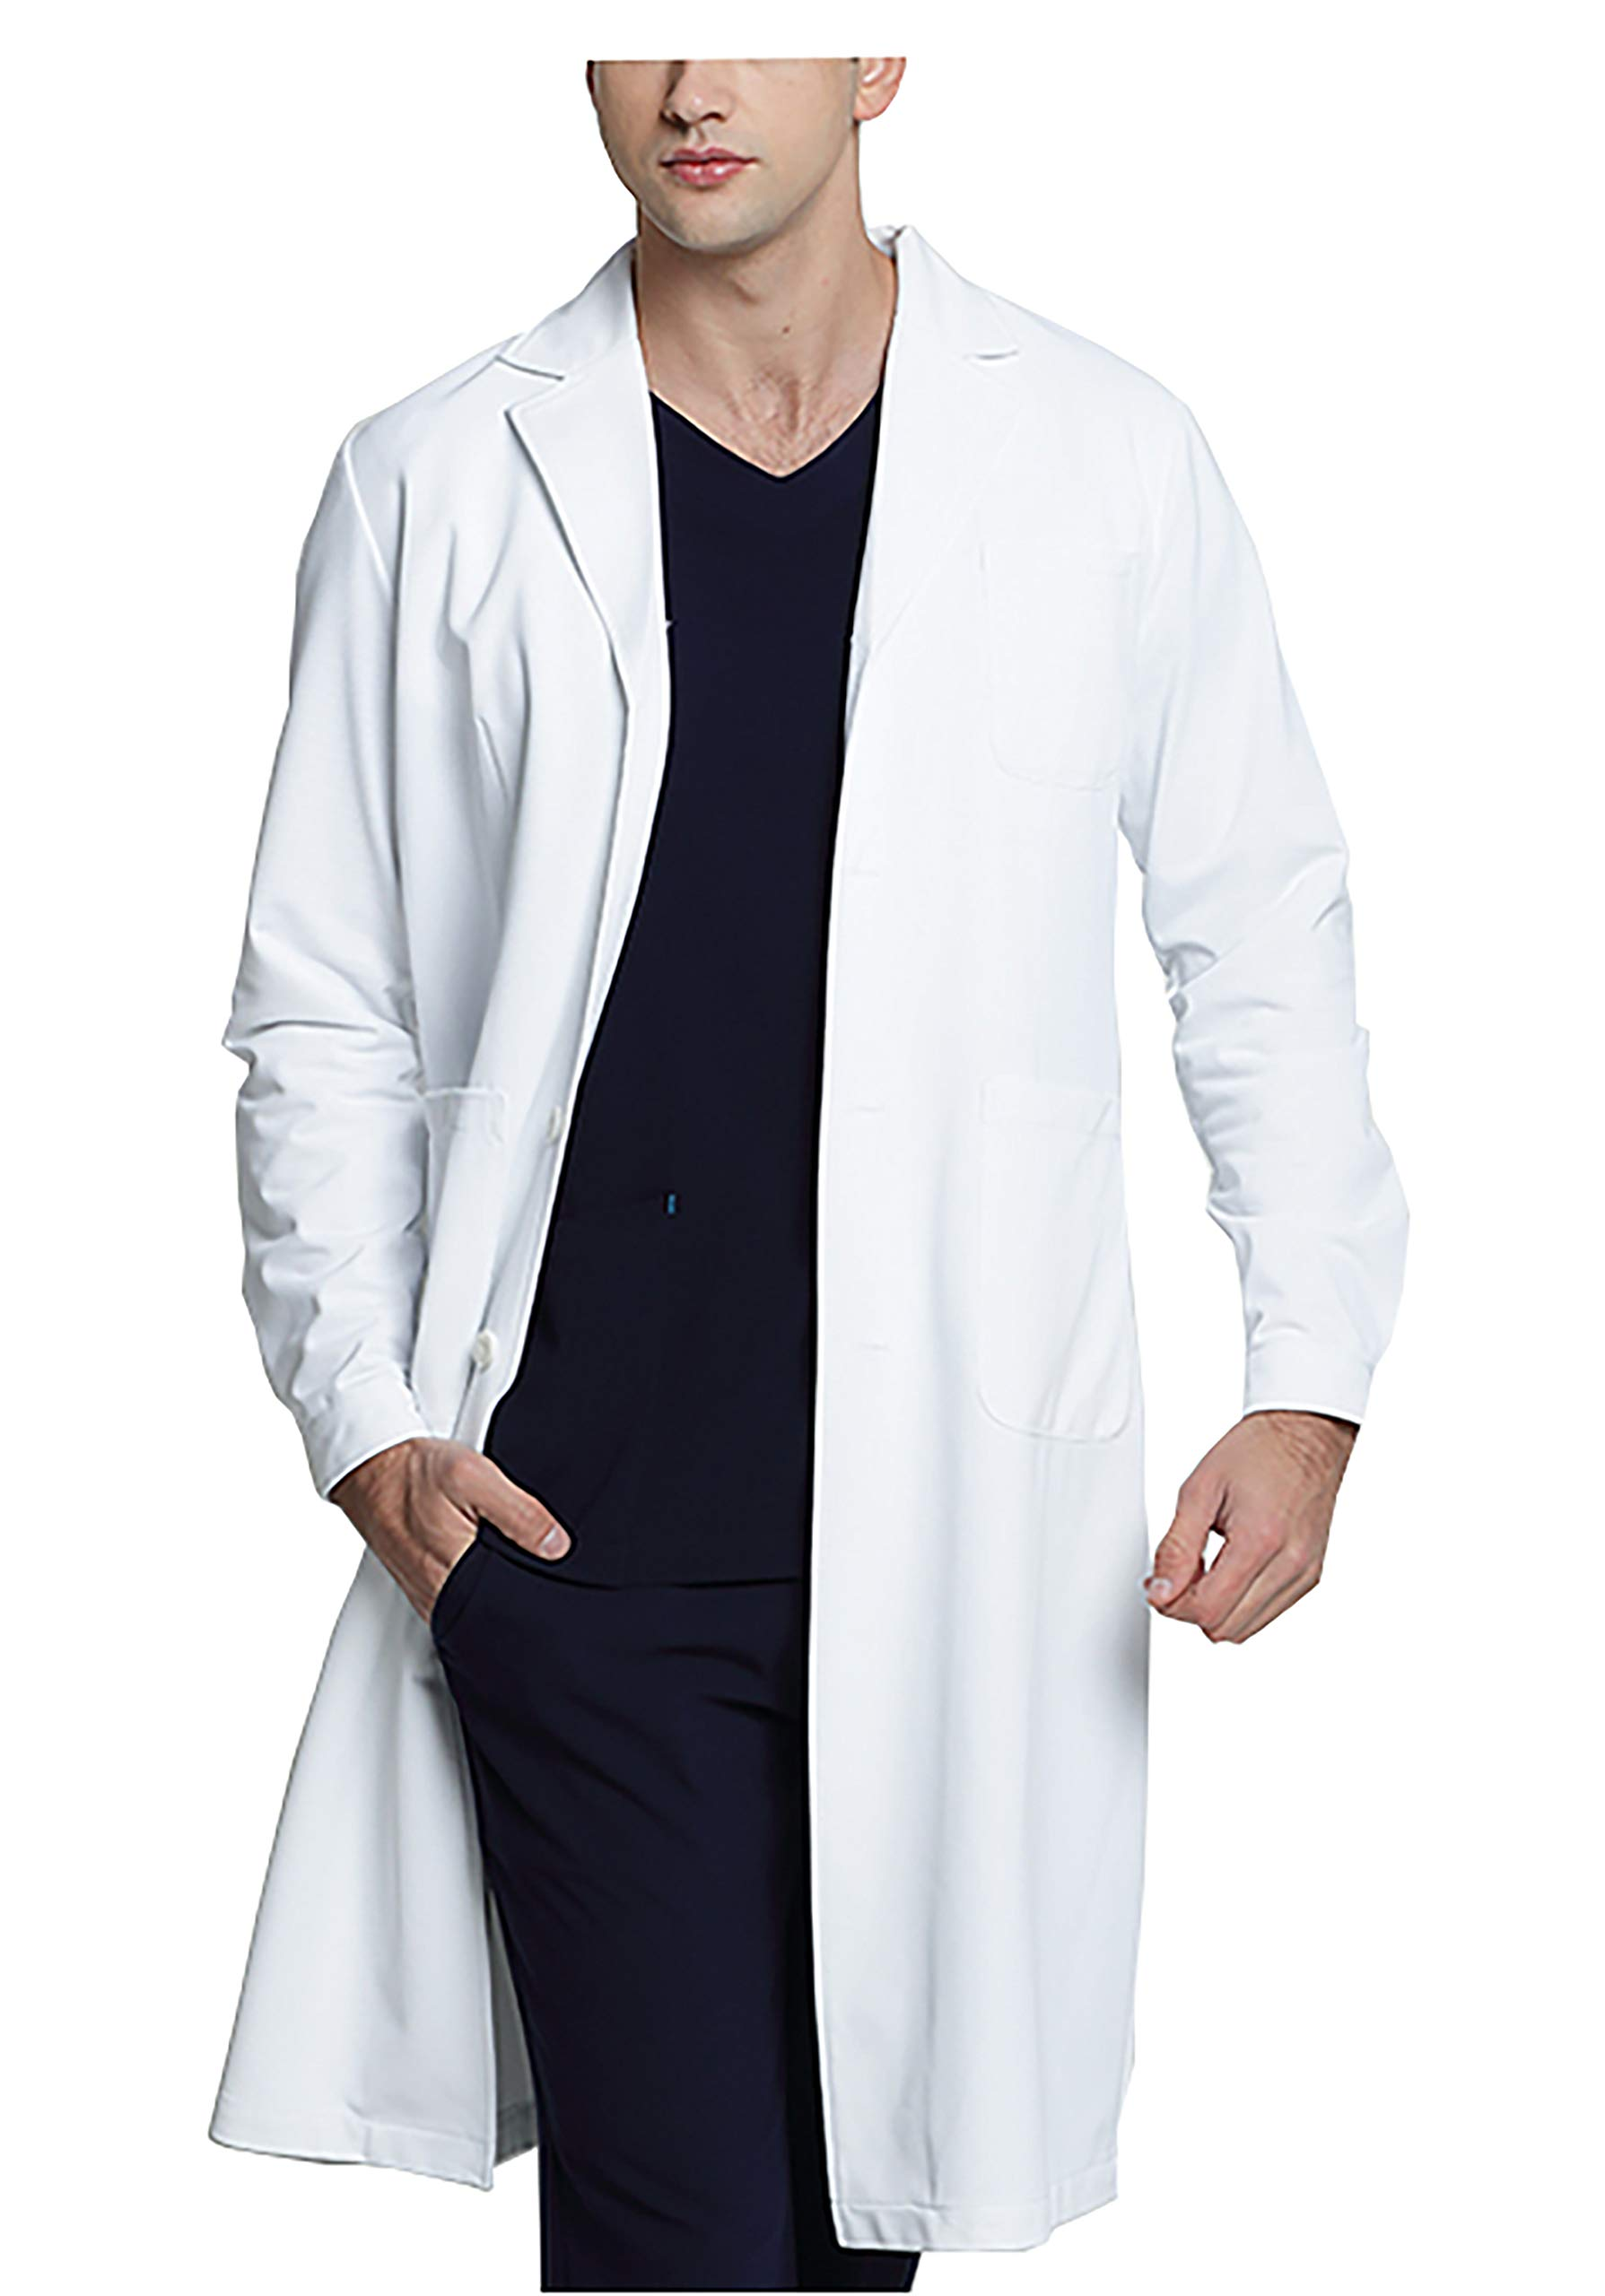 WWOO Camice da Laboratorio Uomo Bianco Abbigliamento da Lavoro e Divise  Camice Medico Uomo Aggiornamento del 991be7949417